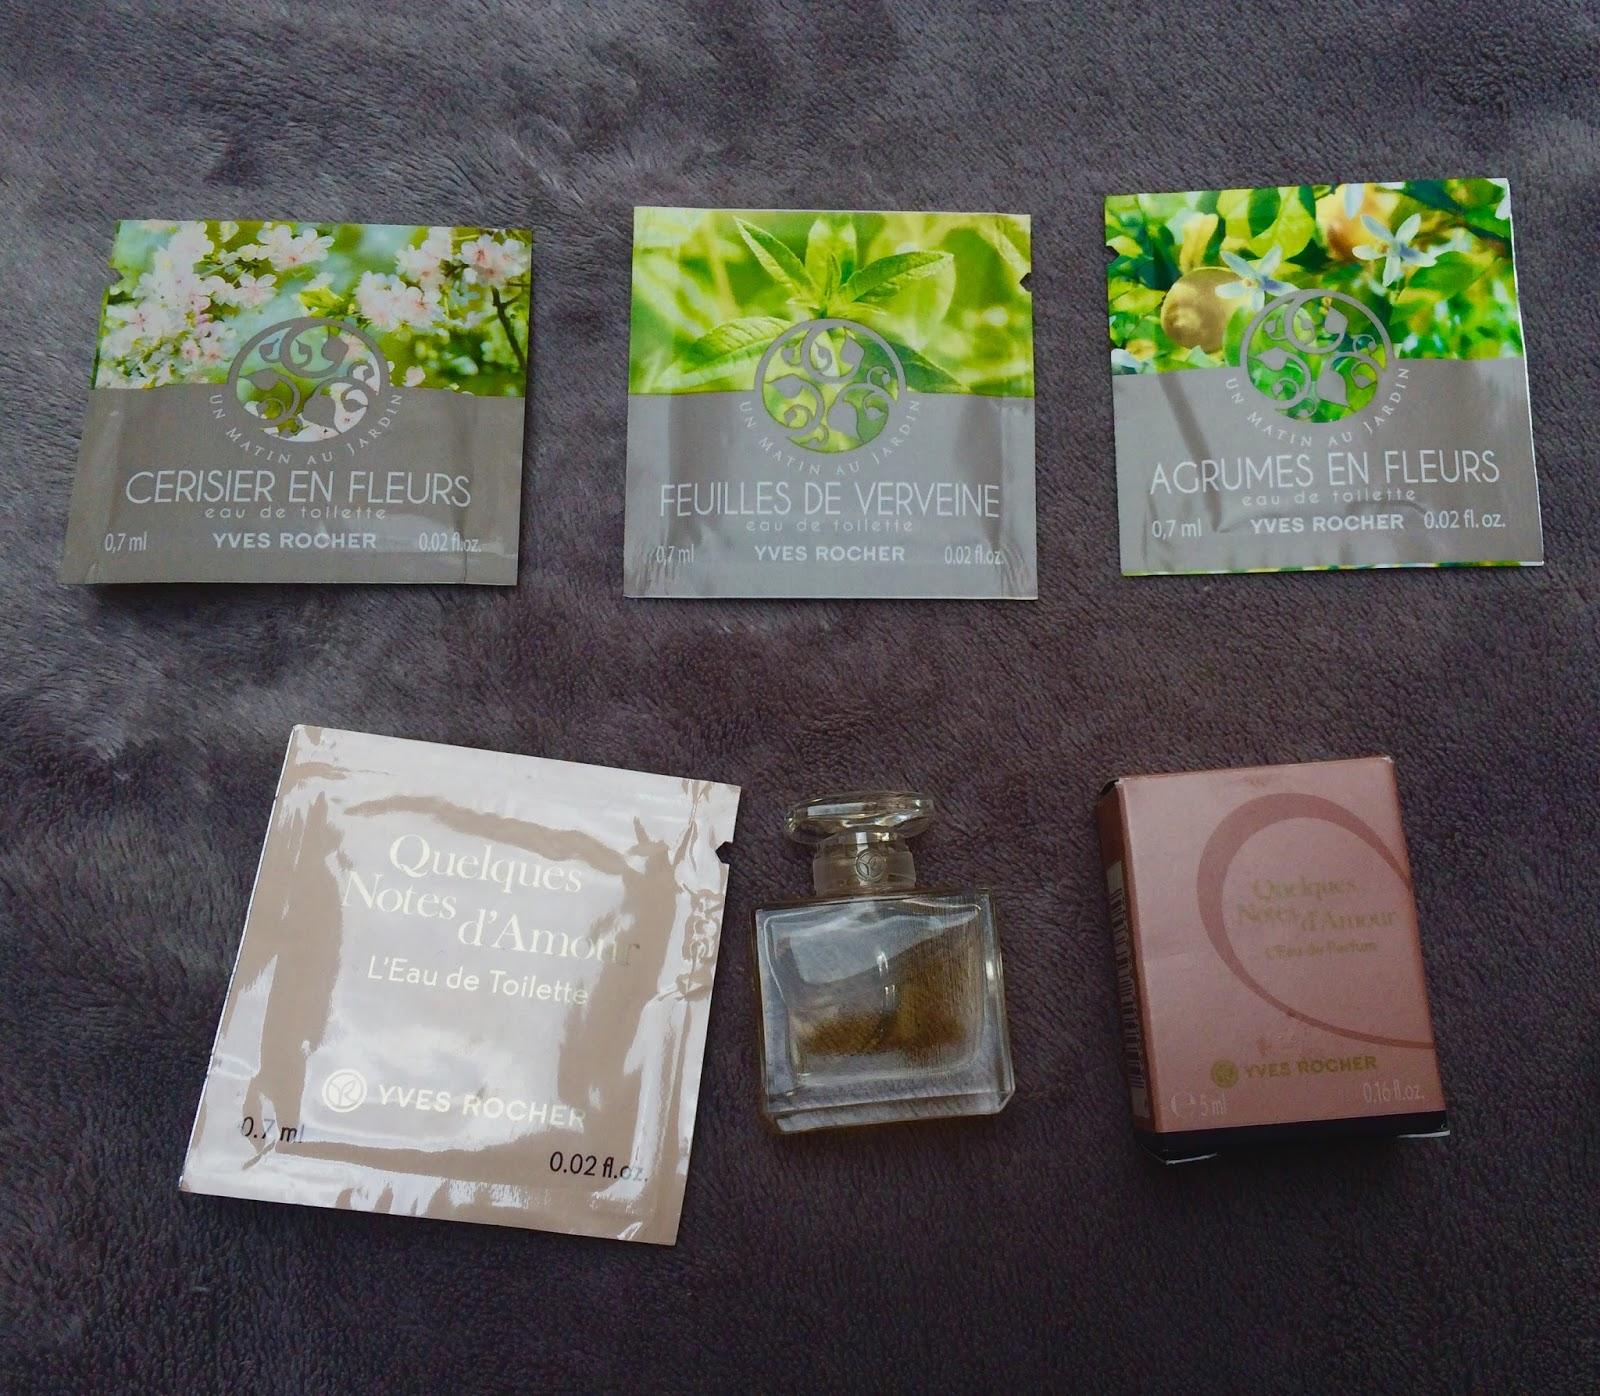 Que Valent Les Parfums Yves Rocher Comme On Est